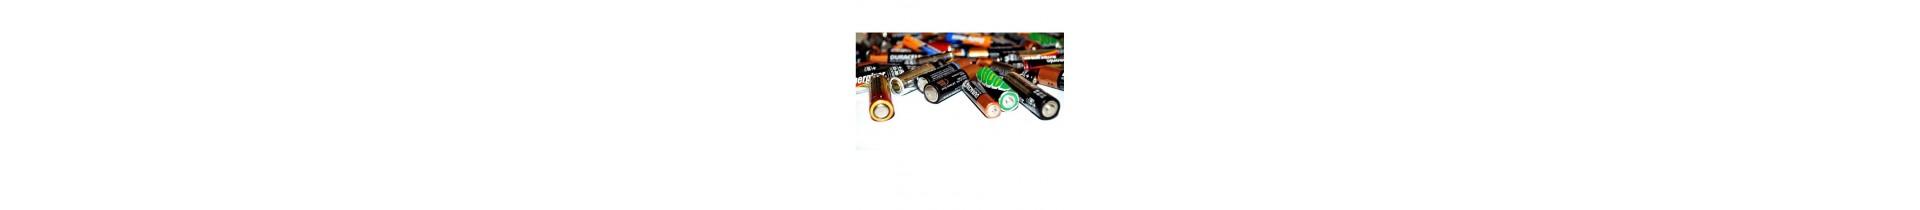 Une sélection de Piles et de batteries pour vos optiques sur Tactirshop